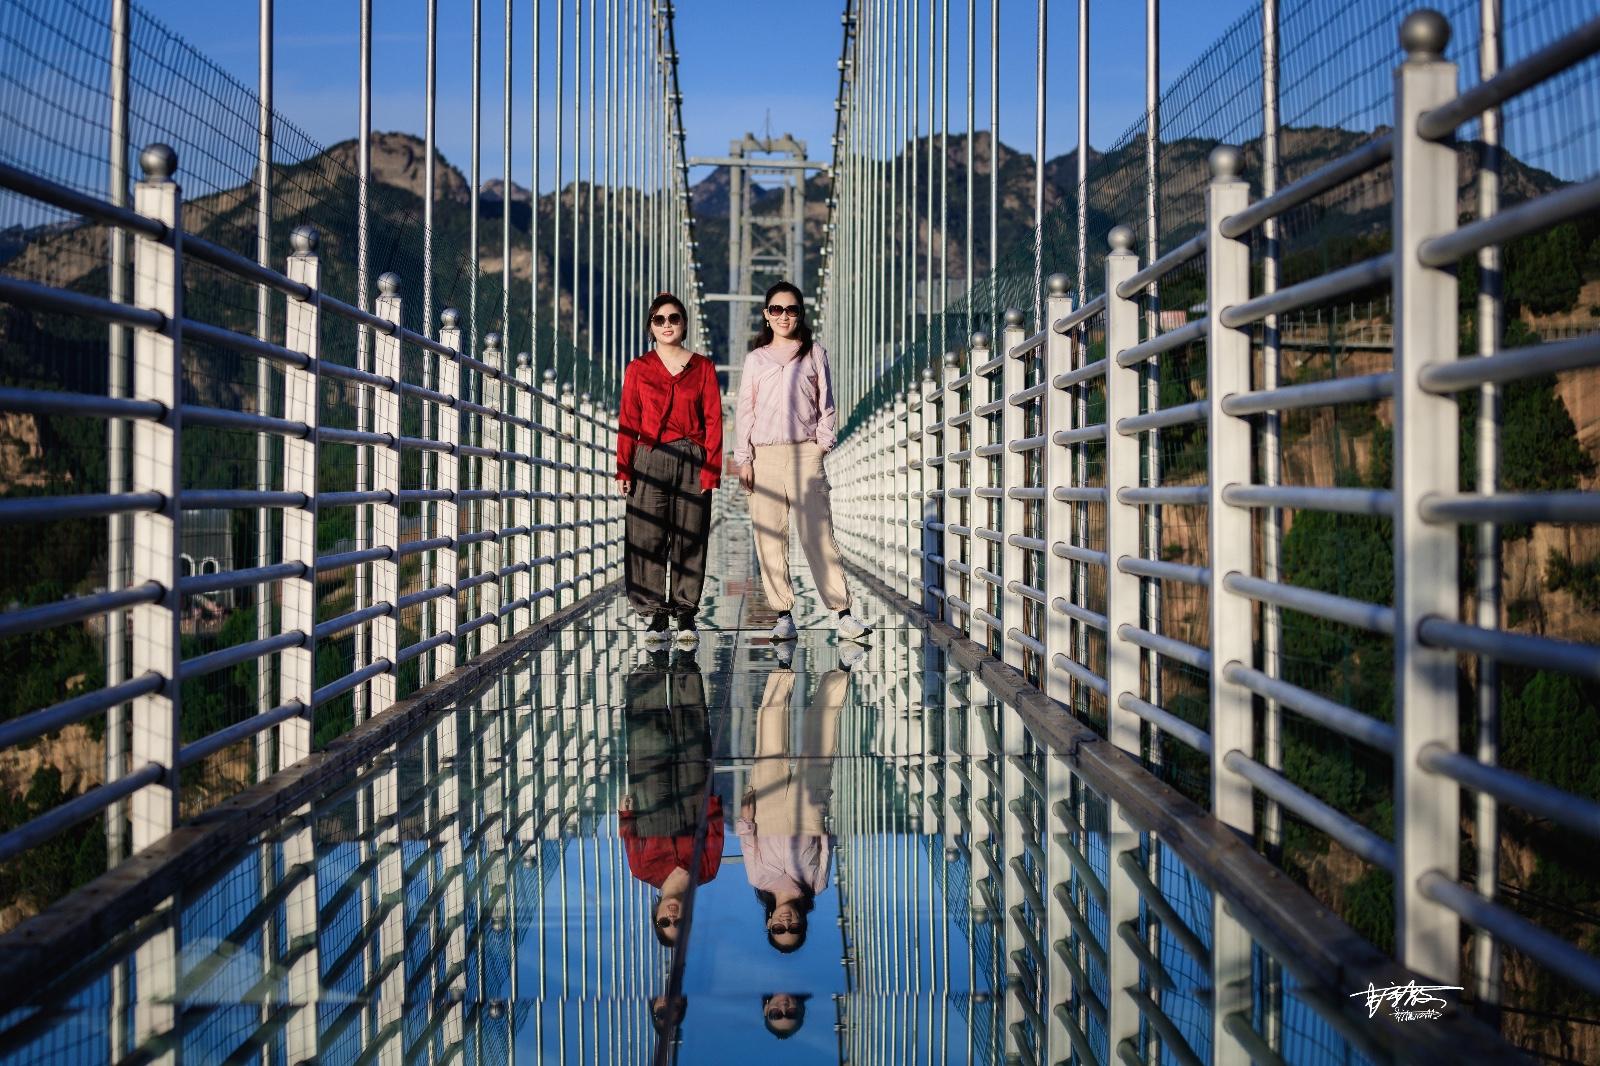 【美图Pick计划】十一假期不知道去哪玩,不妨去清凉谷挑战200多米的玻璃天桥